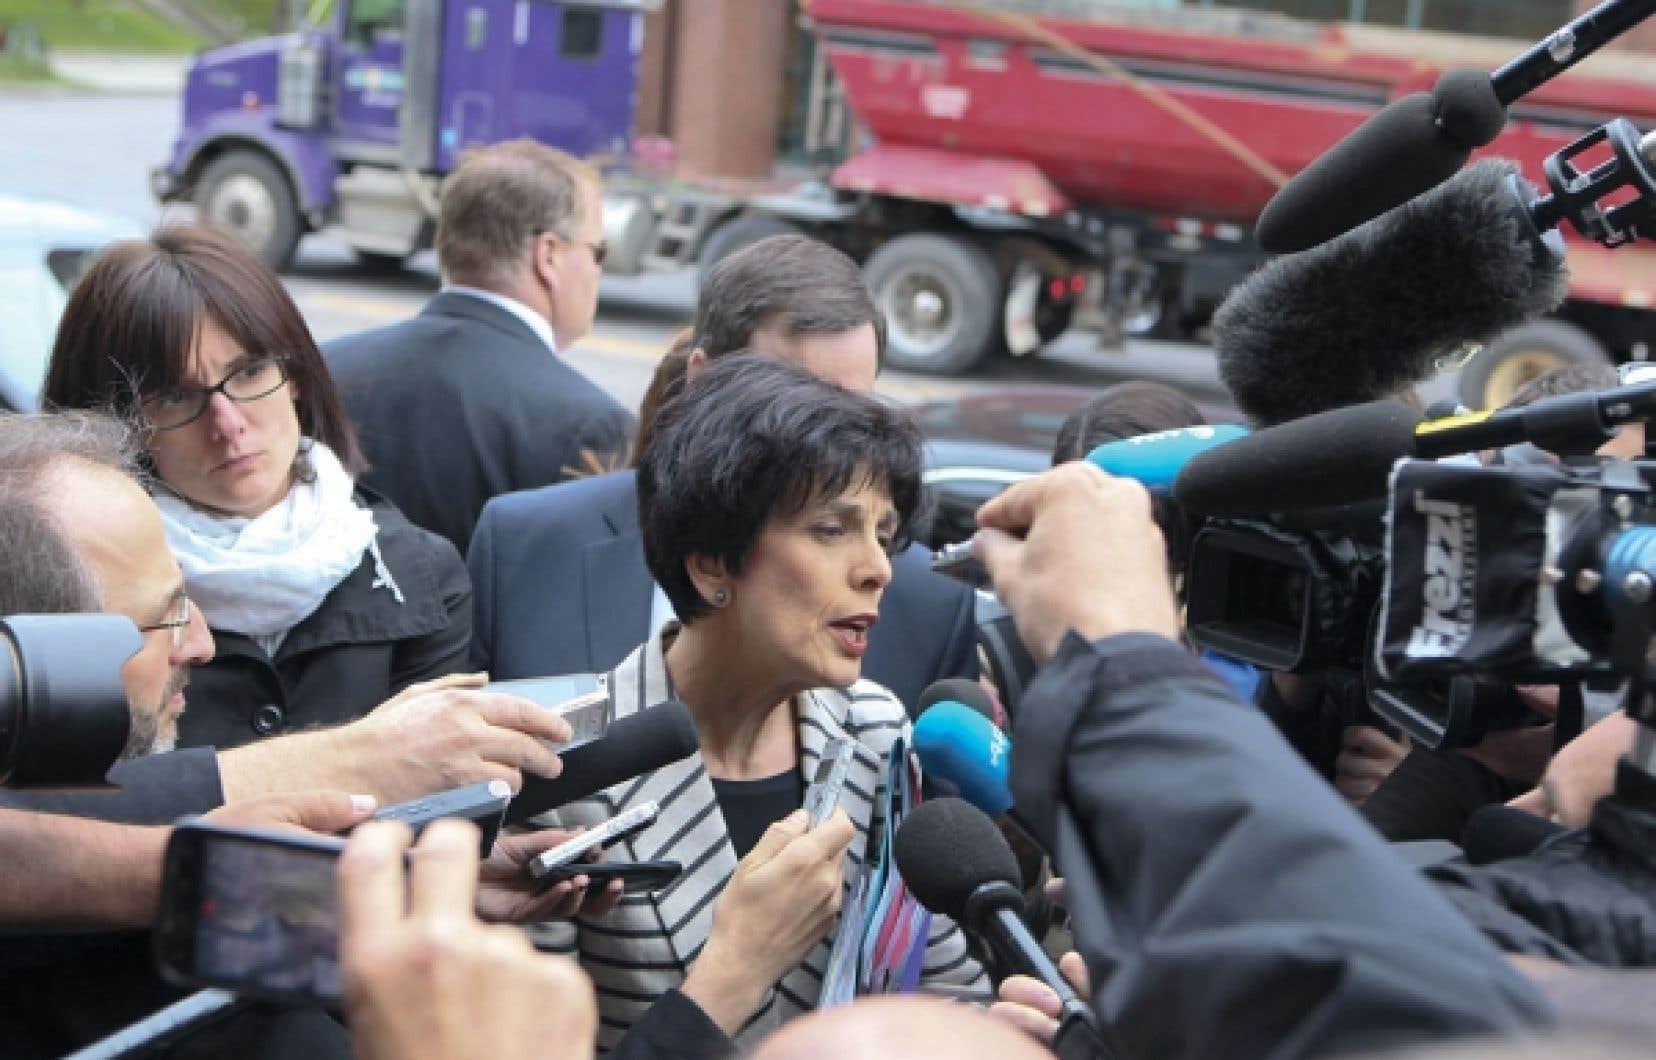 La ministre de l'Éducation et présidente du Conseil du trésor, Michelle Courchesne, s'est adressée aux journalistes avant le début des négociations qui ont été entreprises hier avec les étudiants à Québec. Elle a dit aborder ces discussions « avec ouverture ».